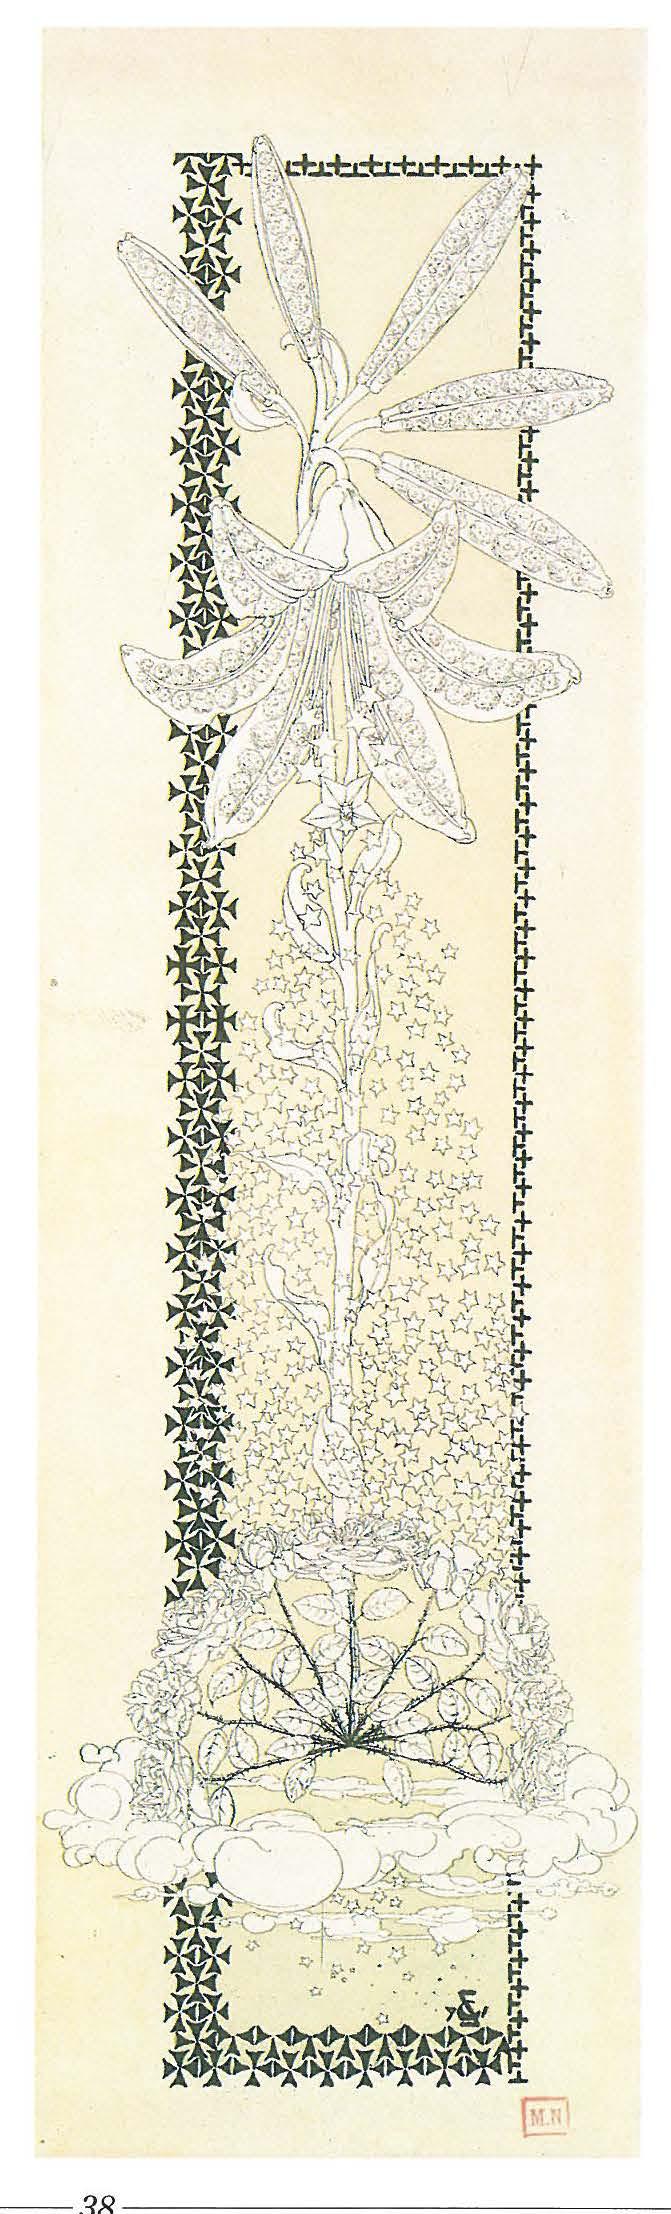 Image - Composition florale